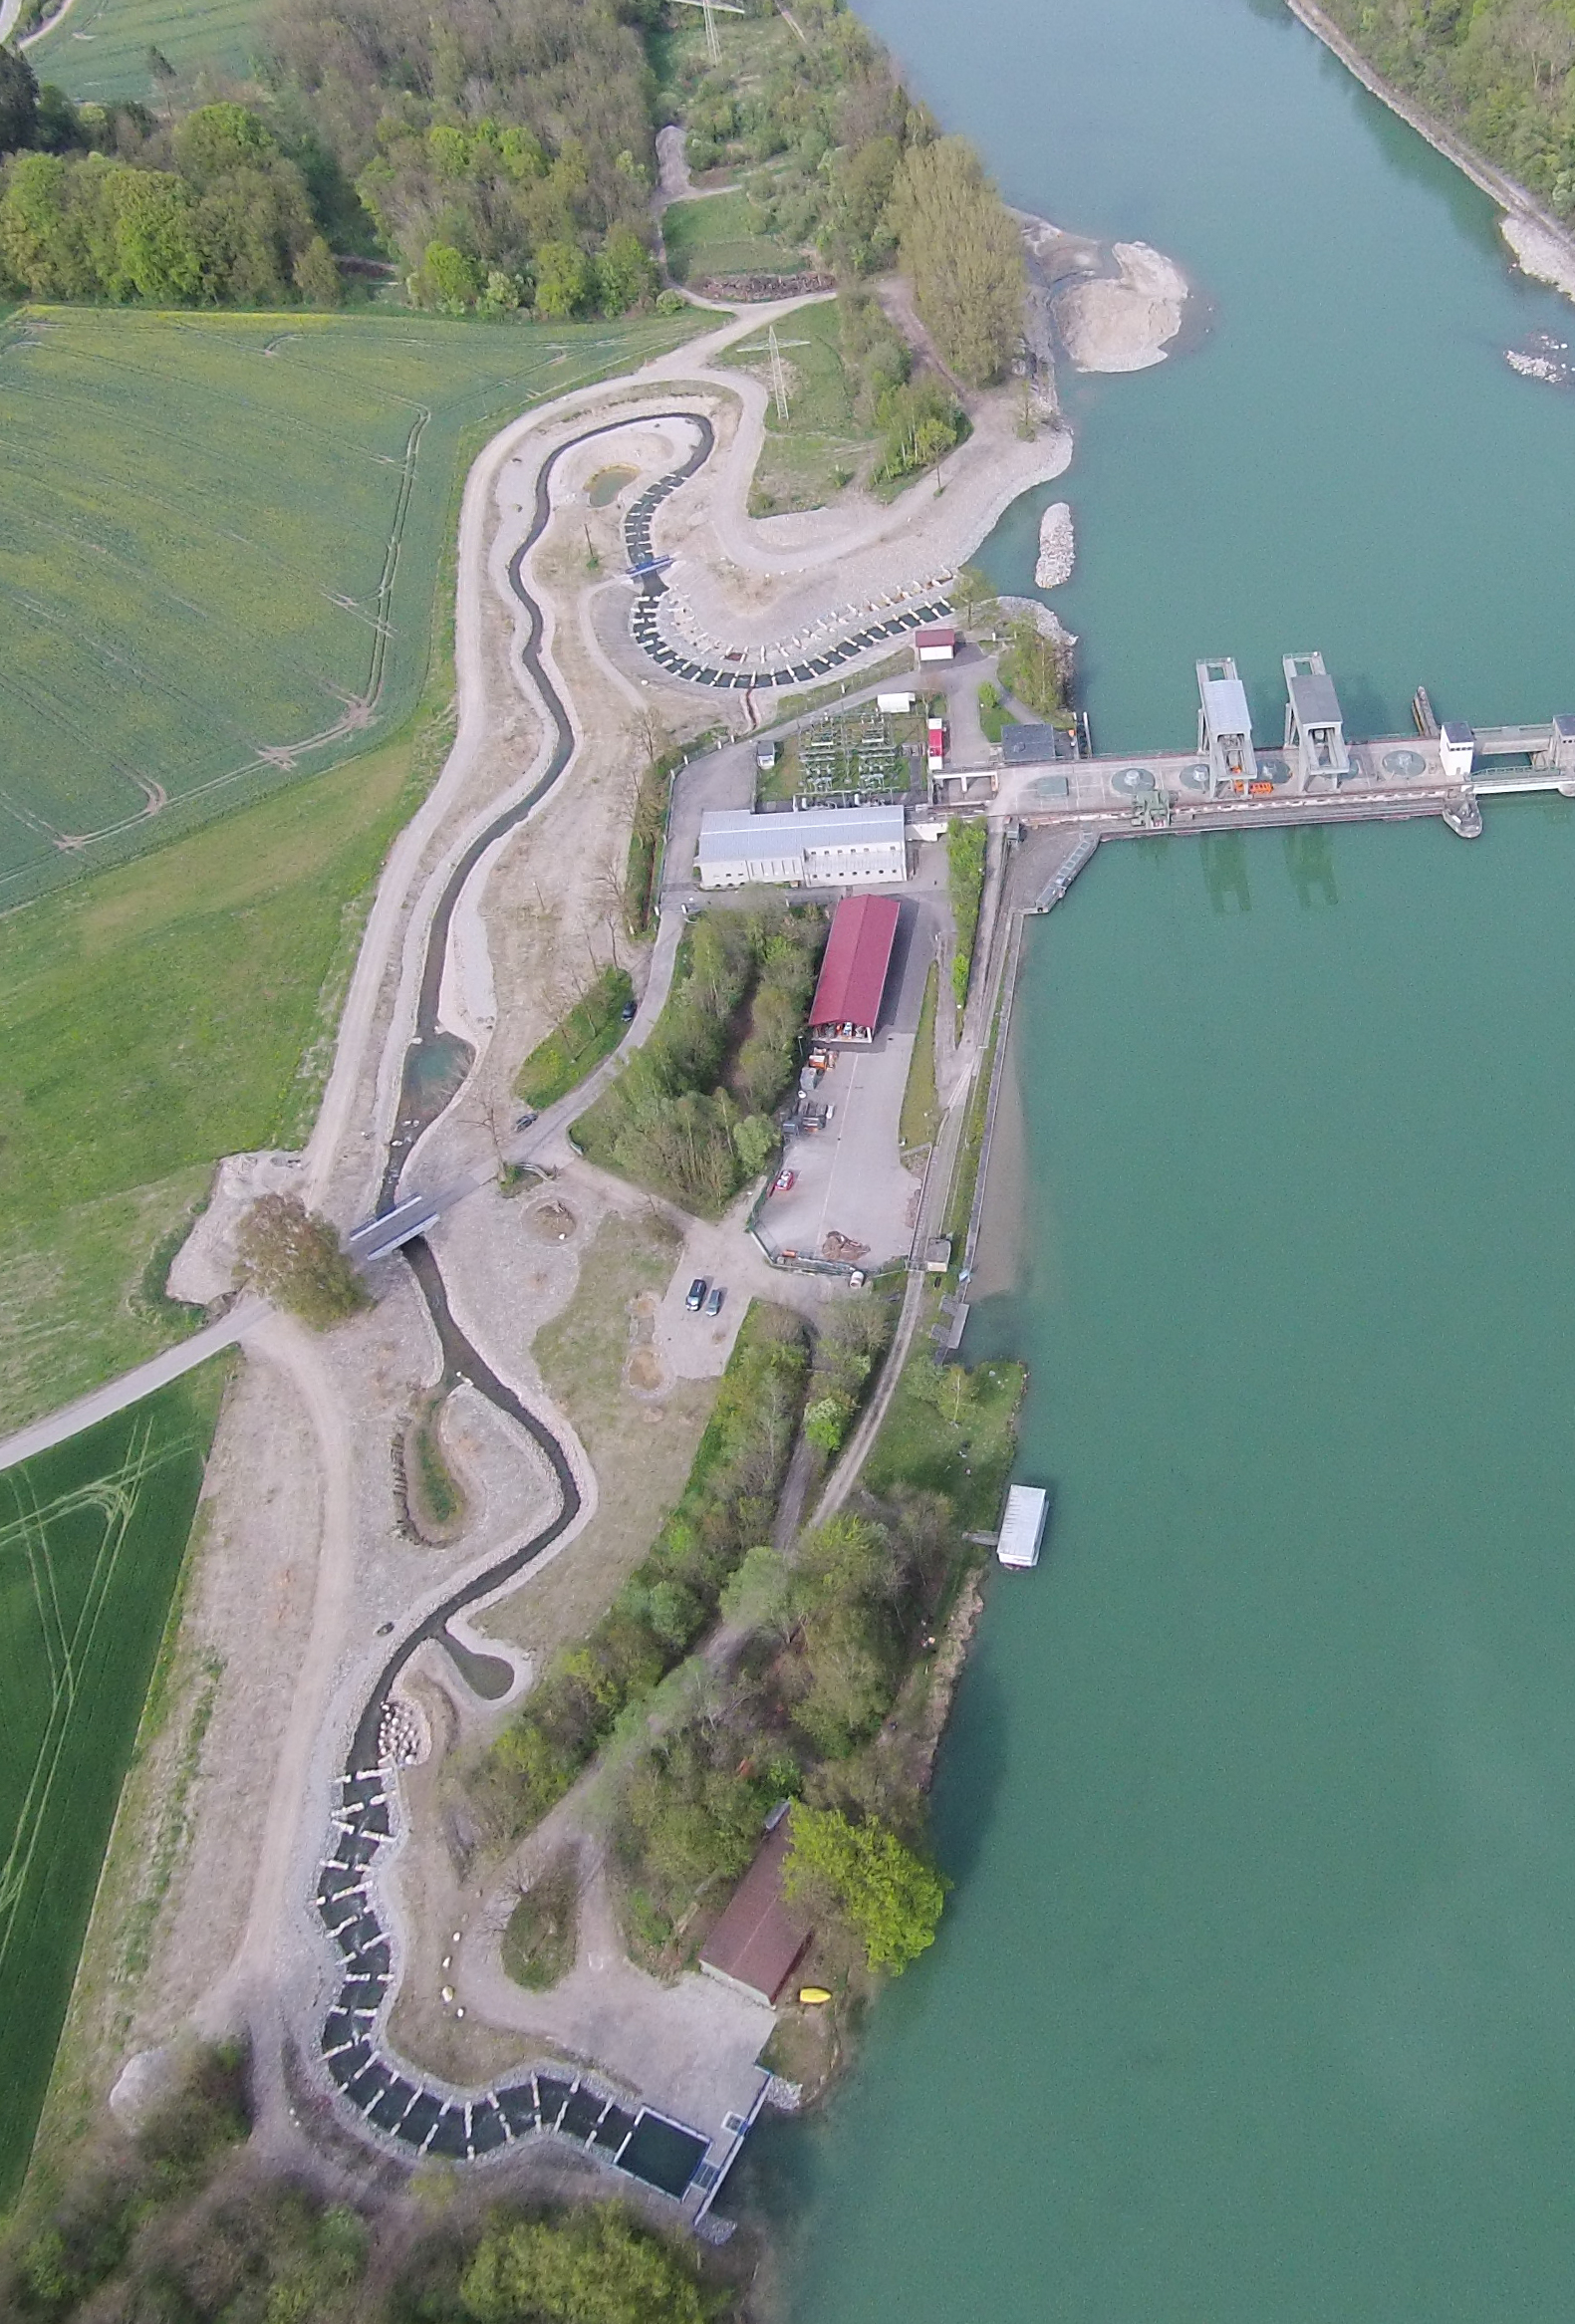 Luftbild des Kraftwerks Gars am Inn, um das ein künstlich angelegtes Umgehungsgewässer für Fische herumführt.